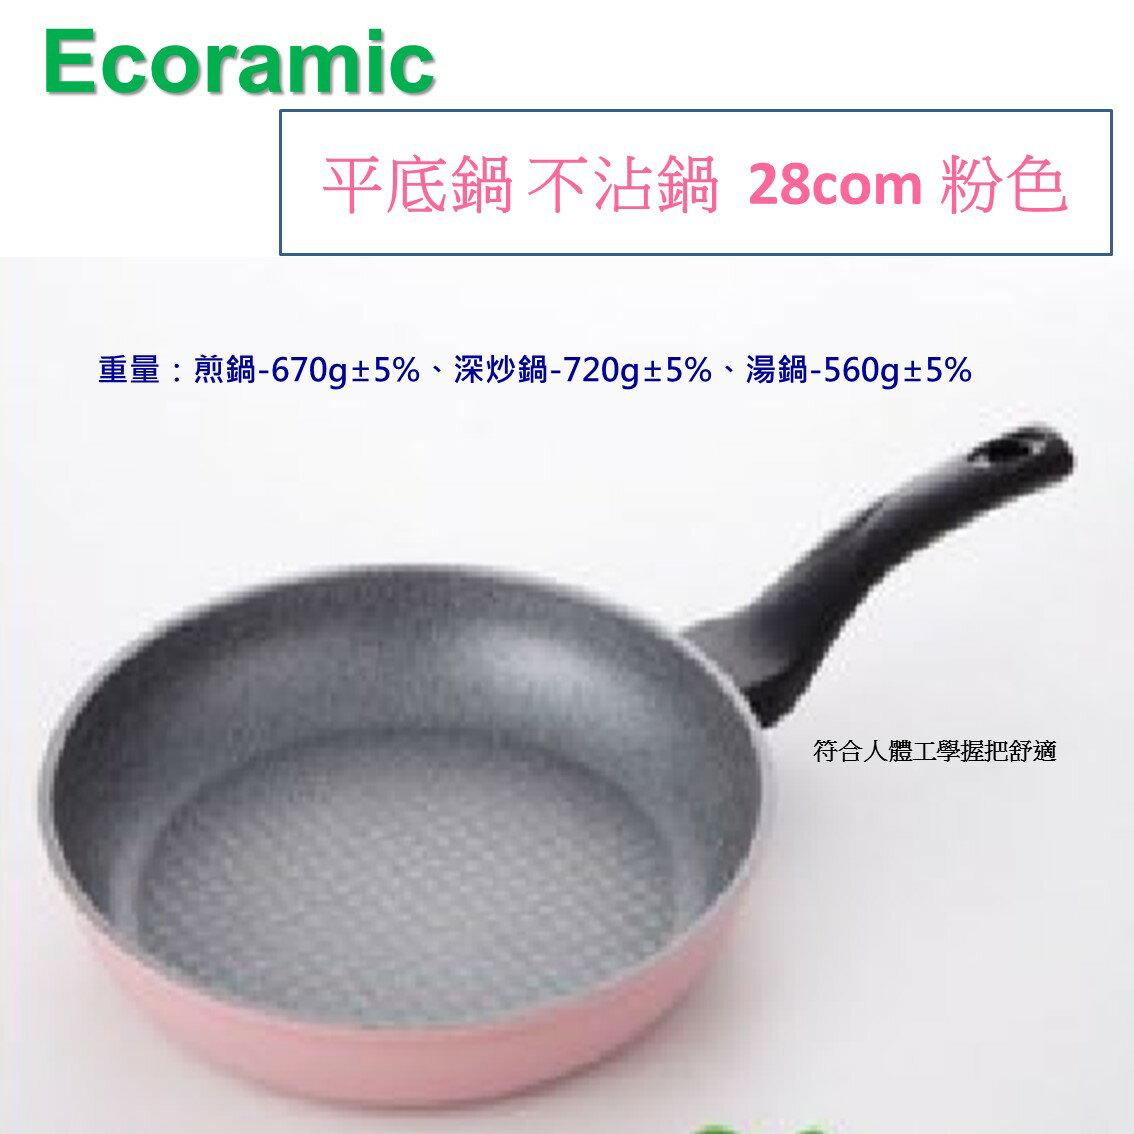 【免運】韓國ECORAMIC鈦晶石頭抗菌不沾平底鍋 【平底鍋 粉色28cm(無附鍋蓋)】【樂活生活館】